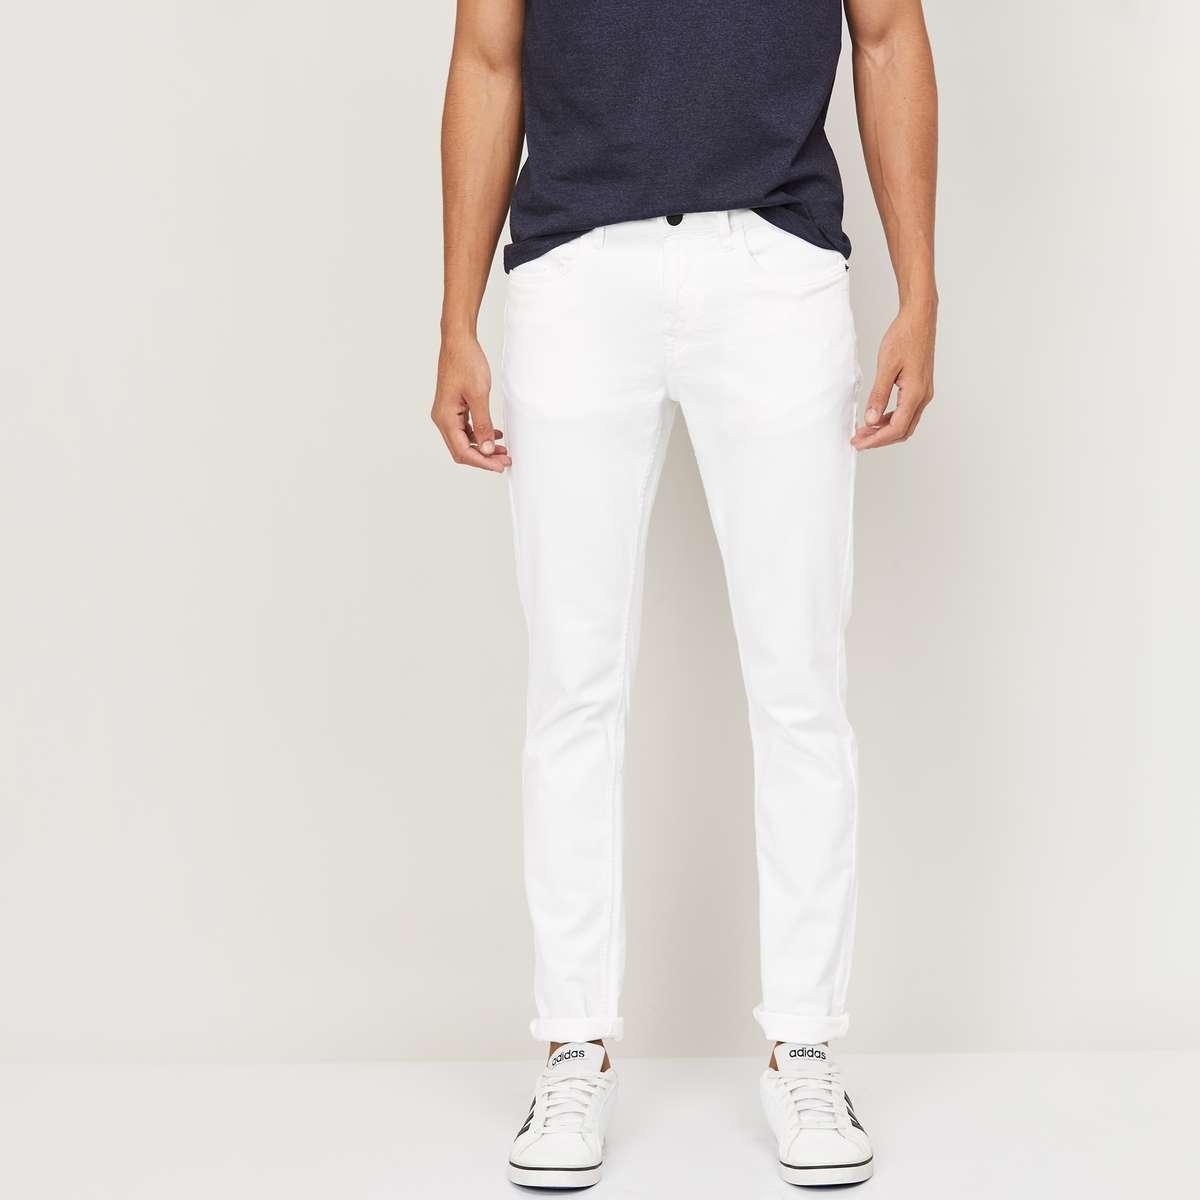 8.DENIMIZE Men Solid Skinny Fit Jeans